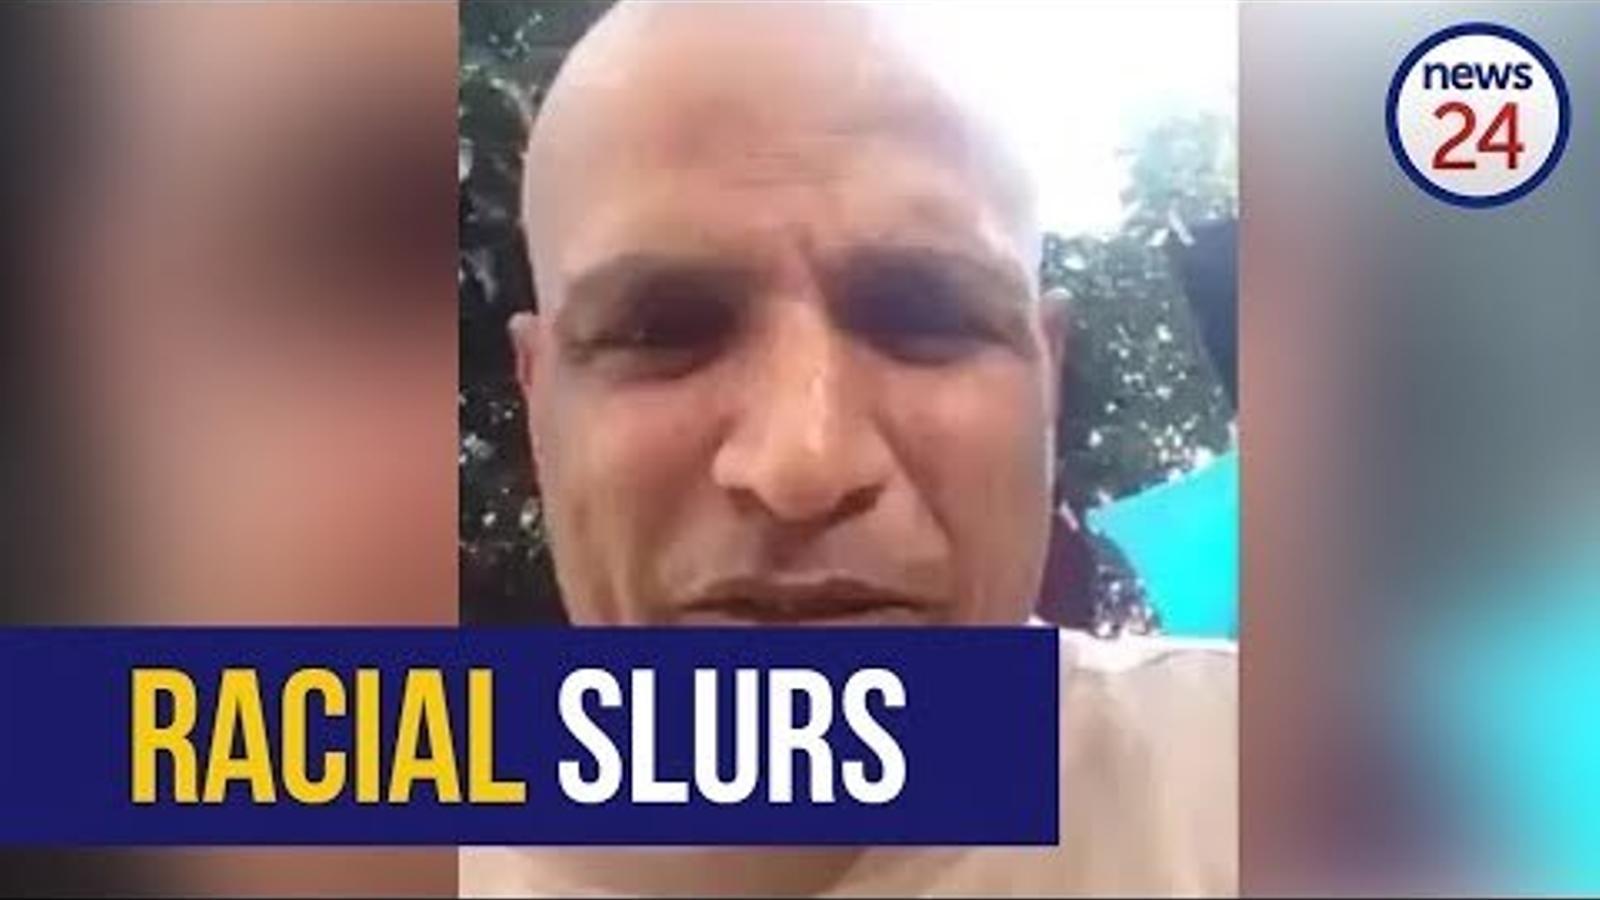 Vídeo d'un sud-africà insultant amb un mot racista el president